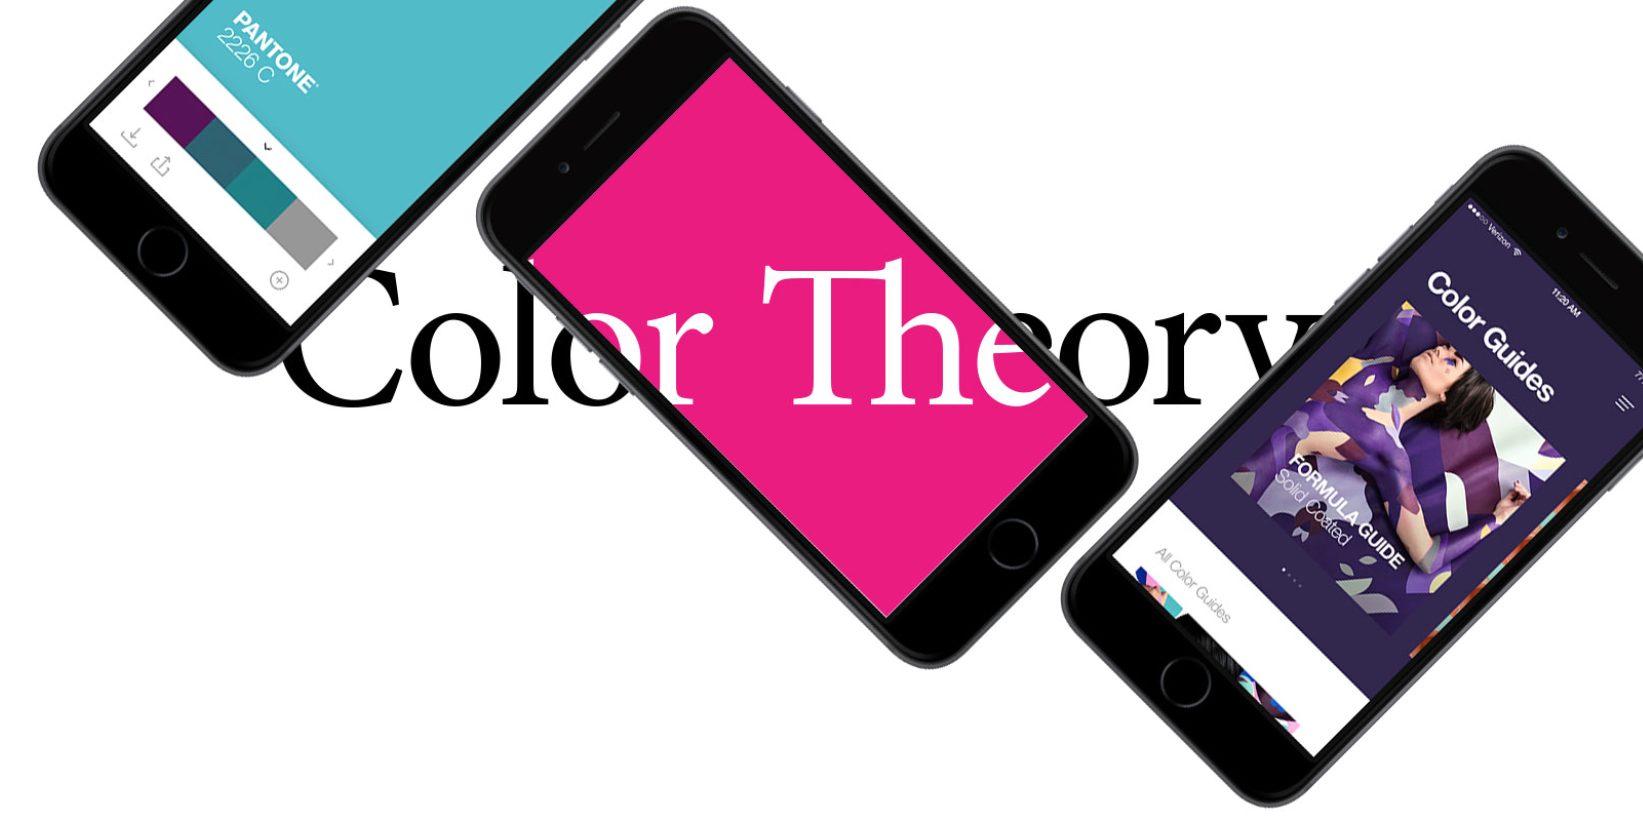 Pantone Studio, la app 'cuentagotas' que captura e identifica colores Pantone - 0